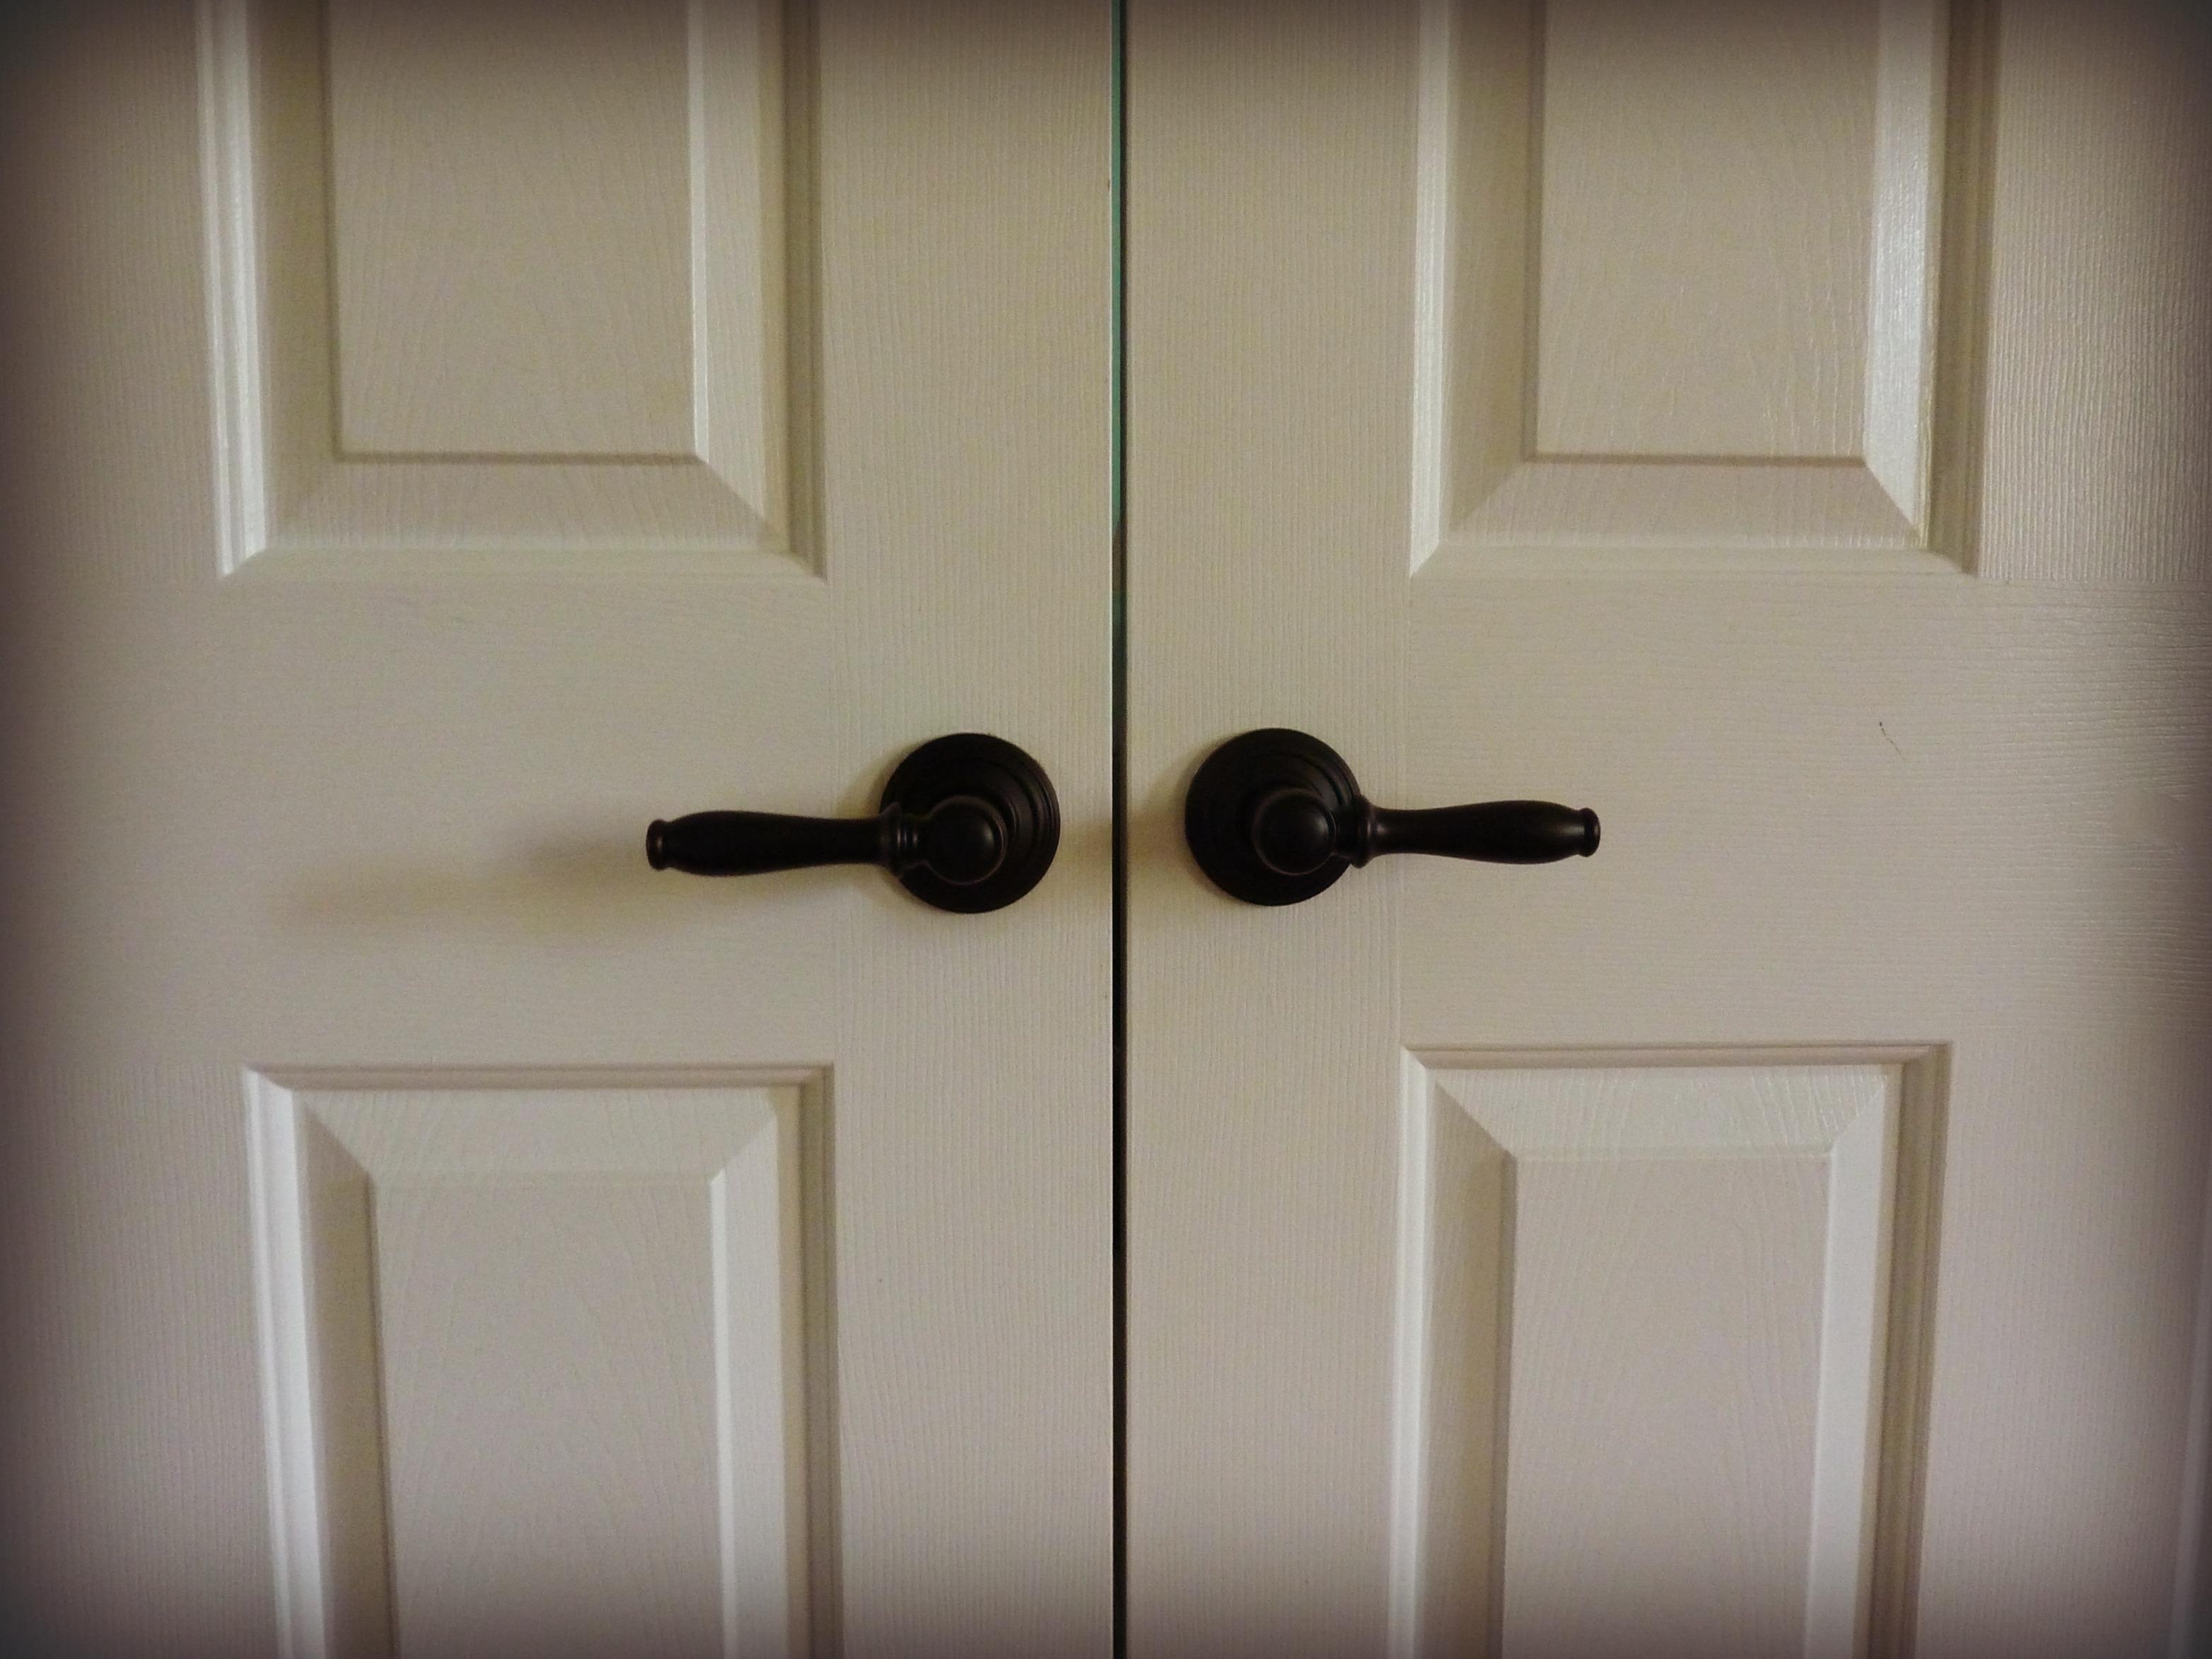 installing new door knobs | rememberwren